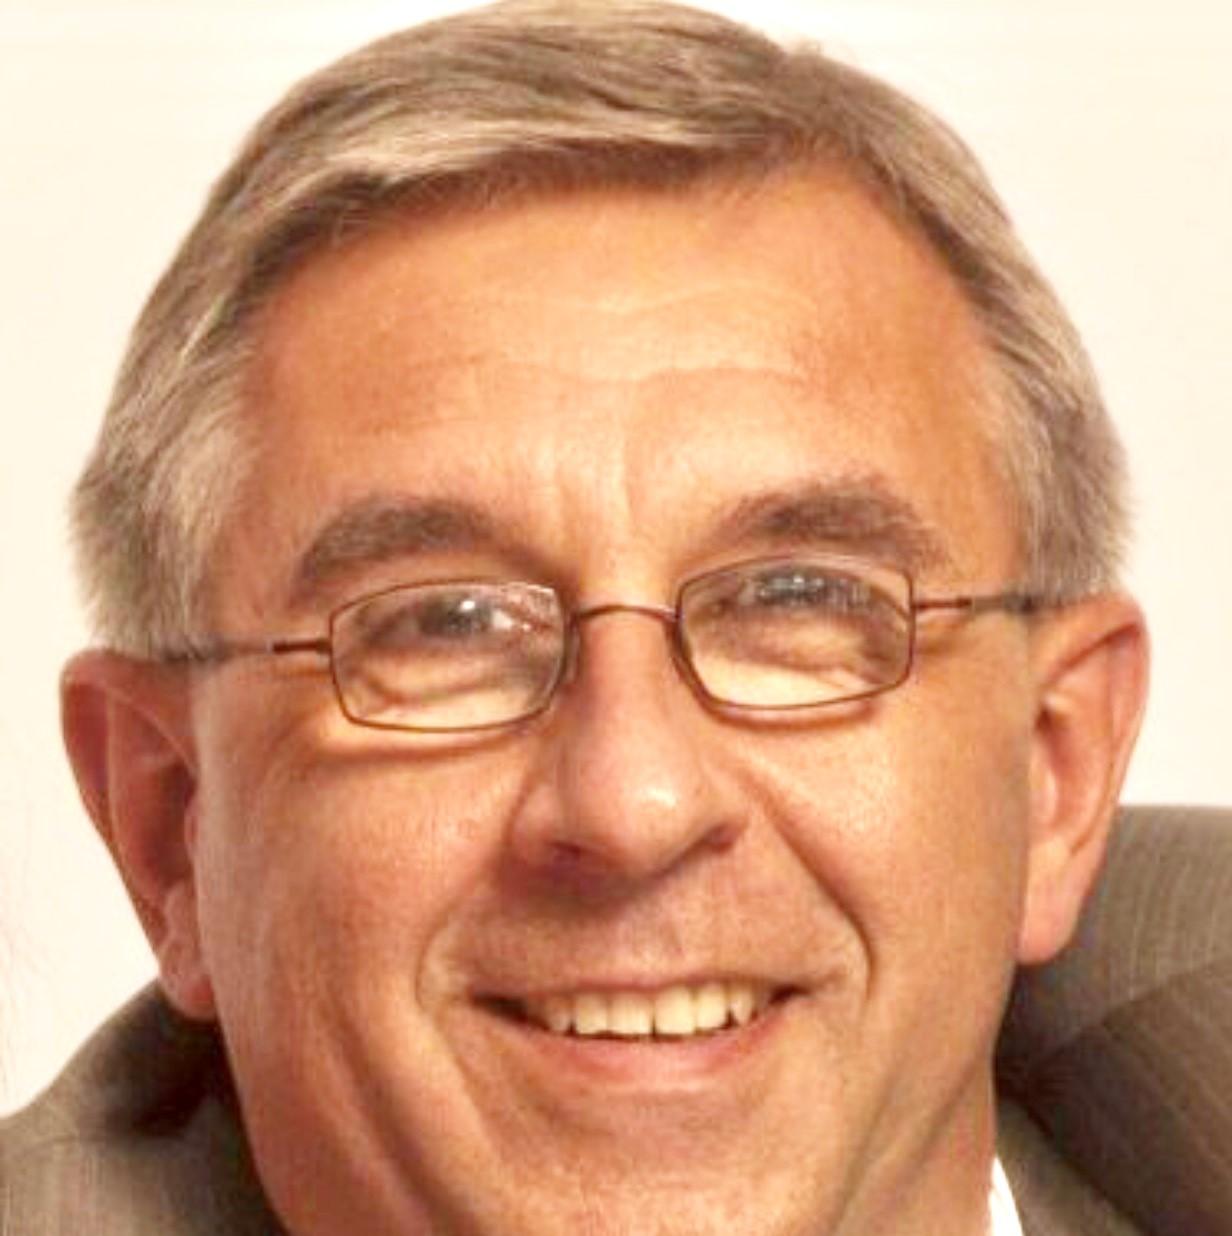 Jan Huybrechts, Brink's Global Services